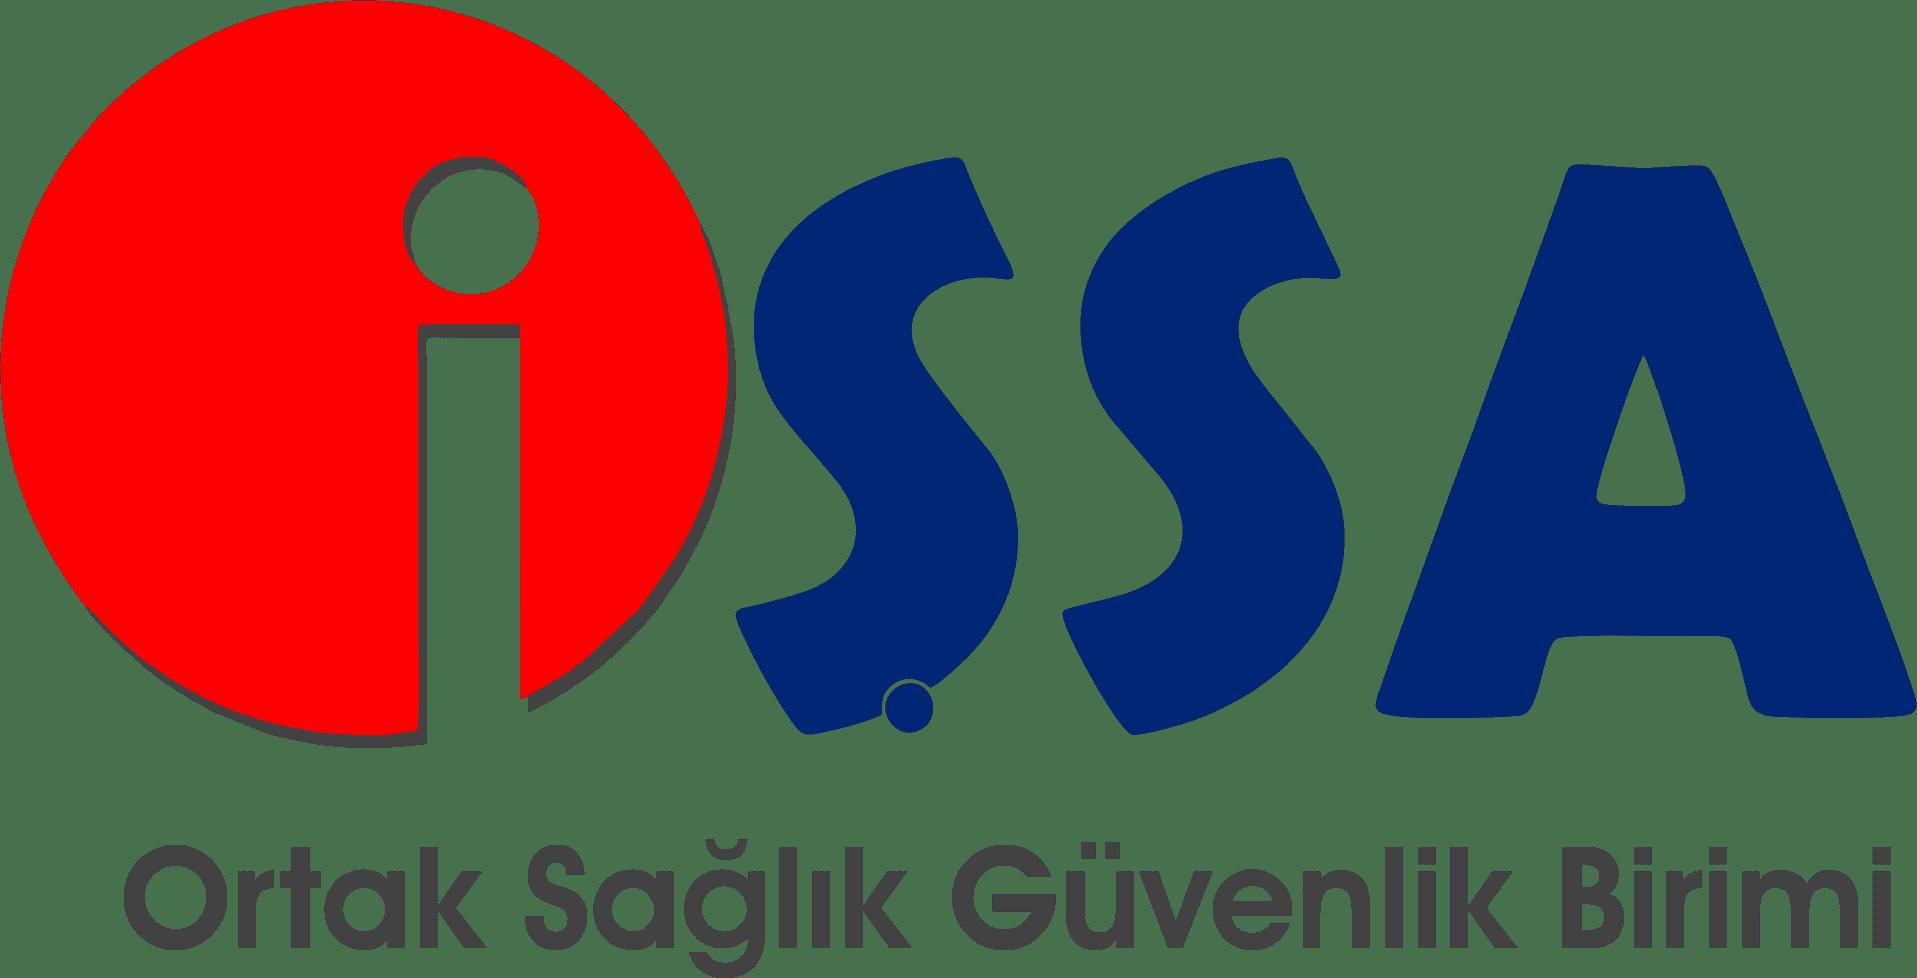 İşsa Antalya OSGB – Ortak Sağlık Güvenlik Birimi